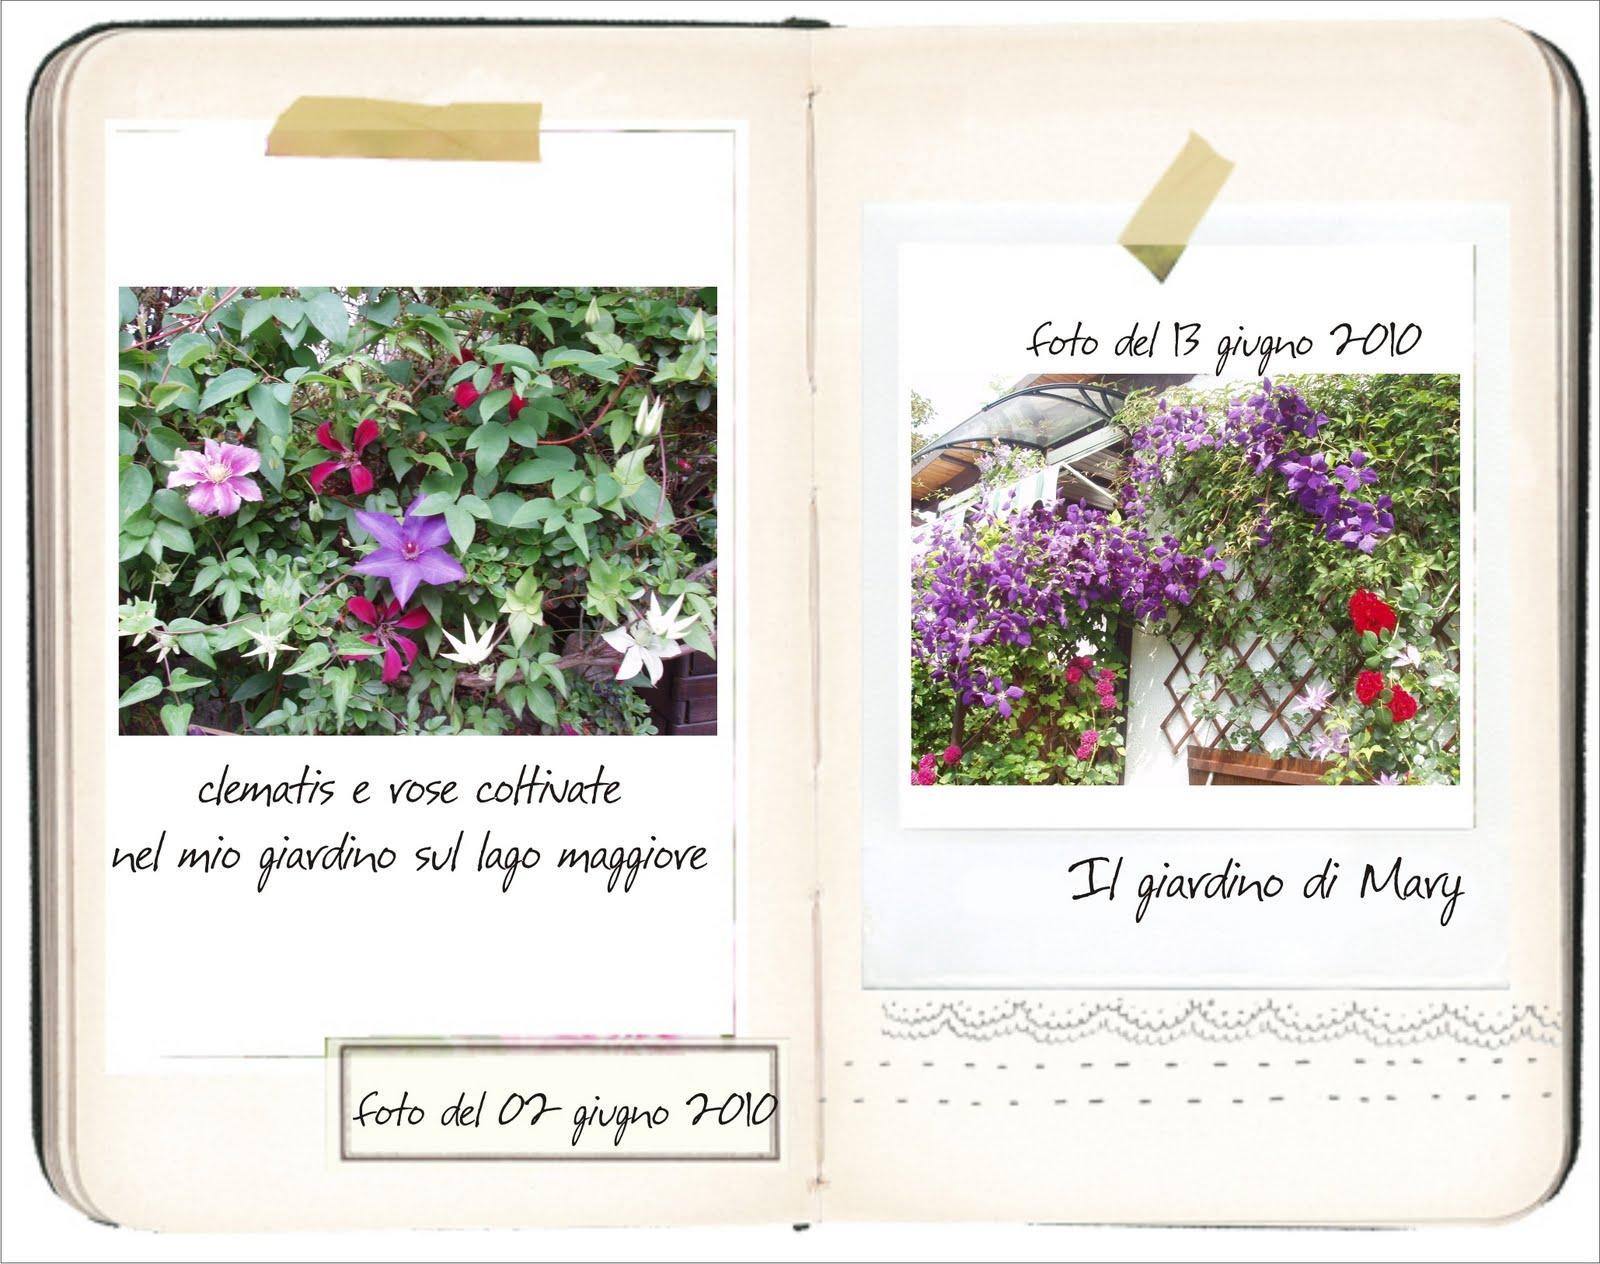 Diario del tuo giardino le clematis di mariangela - Crea il tuo giardino ...